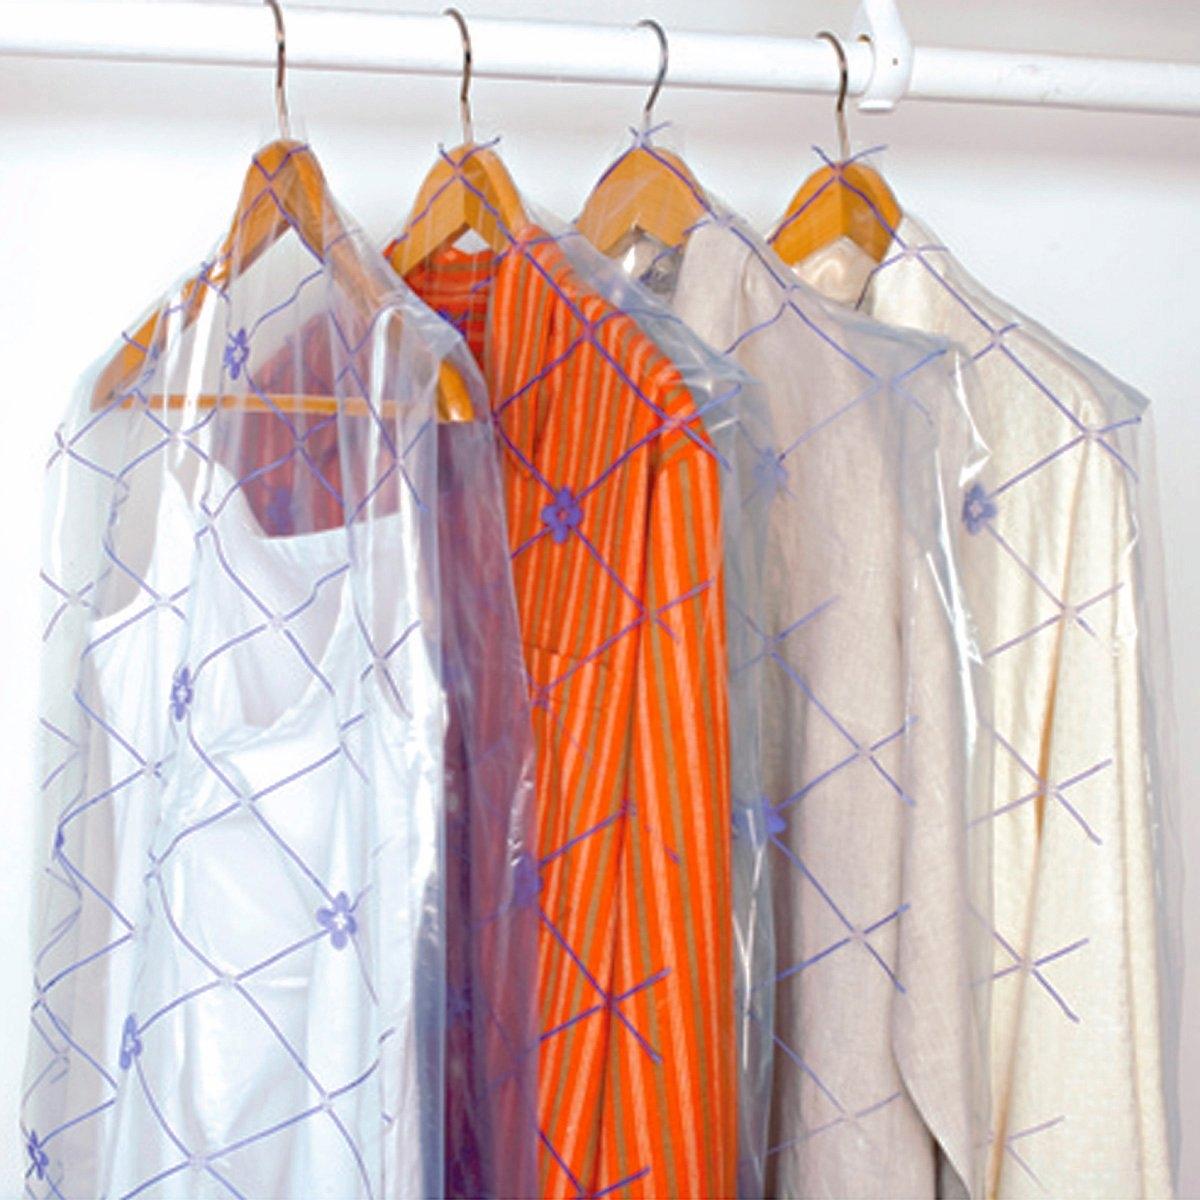 15 чехлов для одежды с обработкой против моли